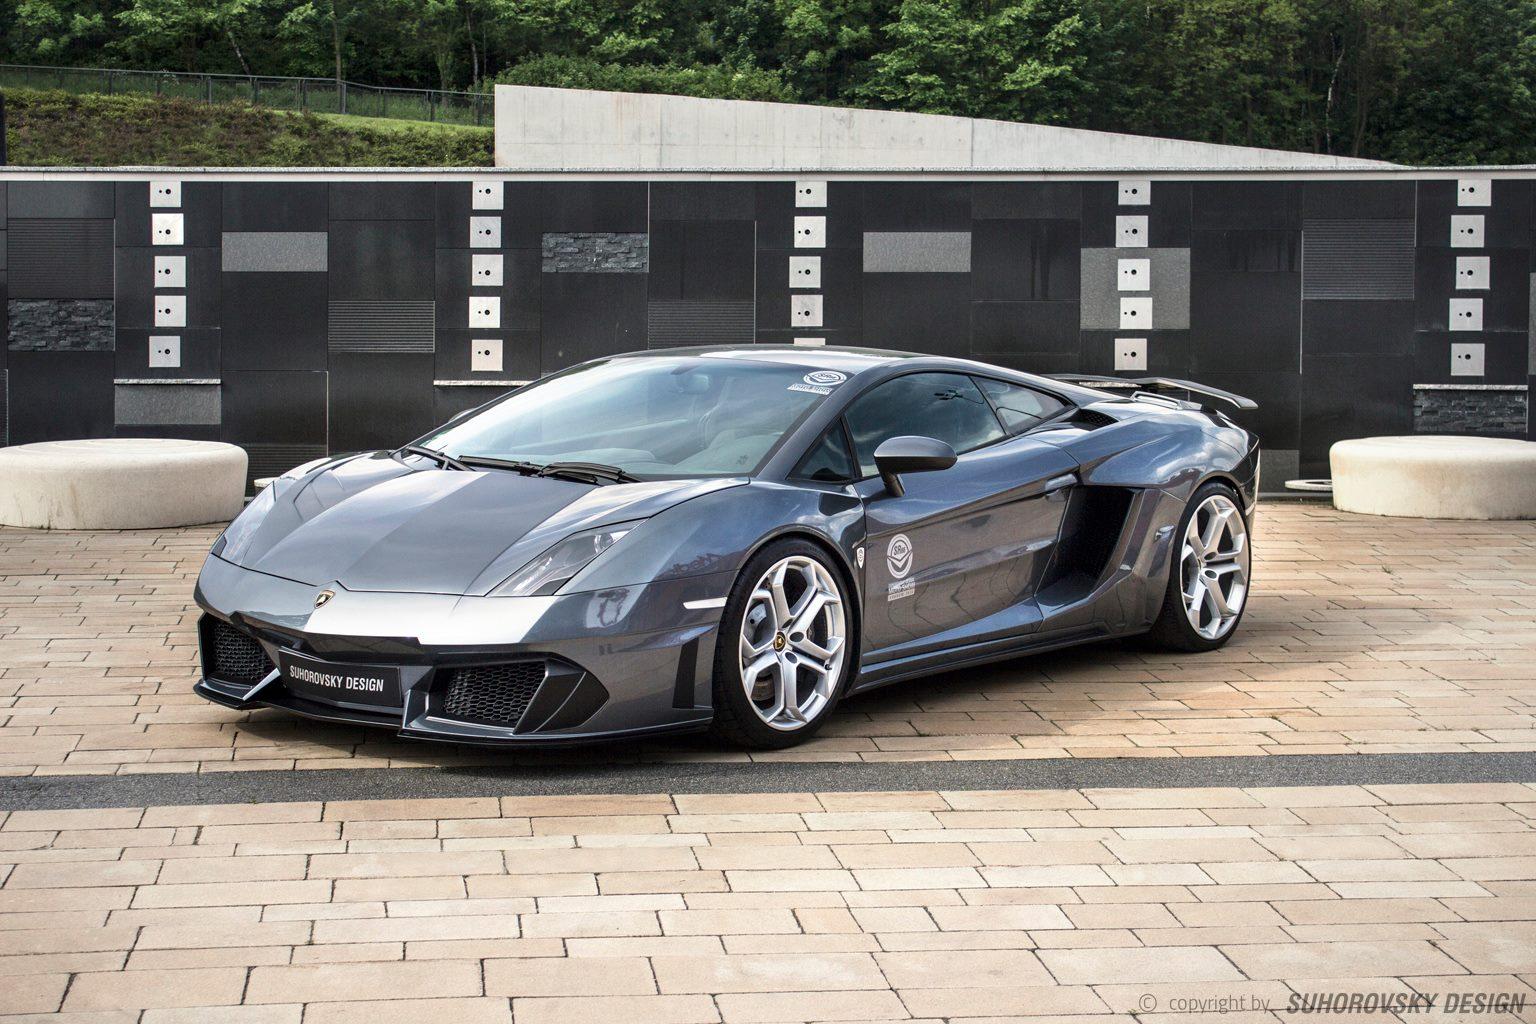 Tuned Lamborghini Gallardo From Poland Impersonates The